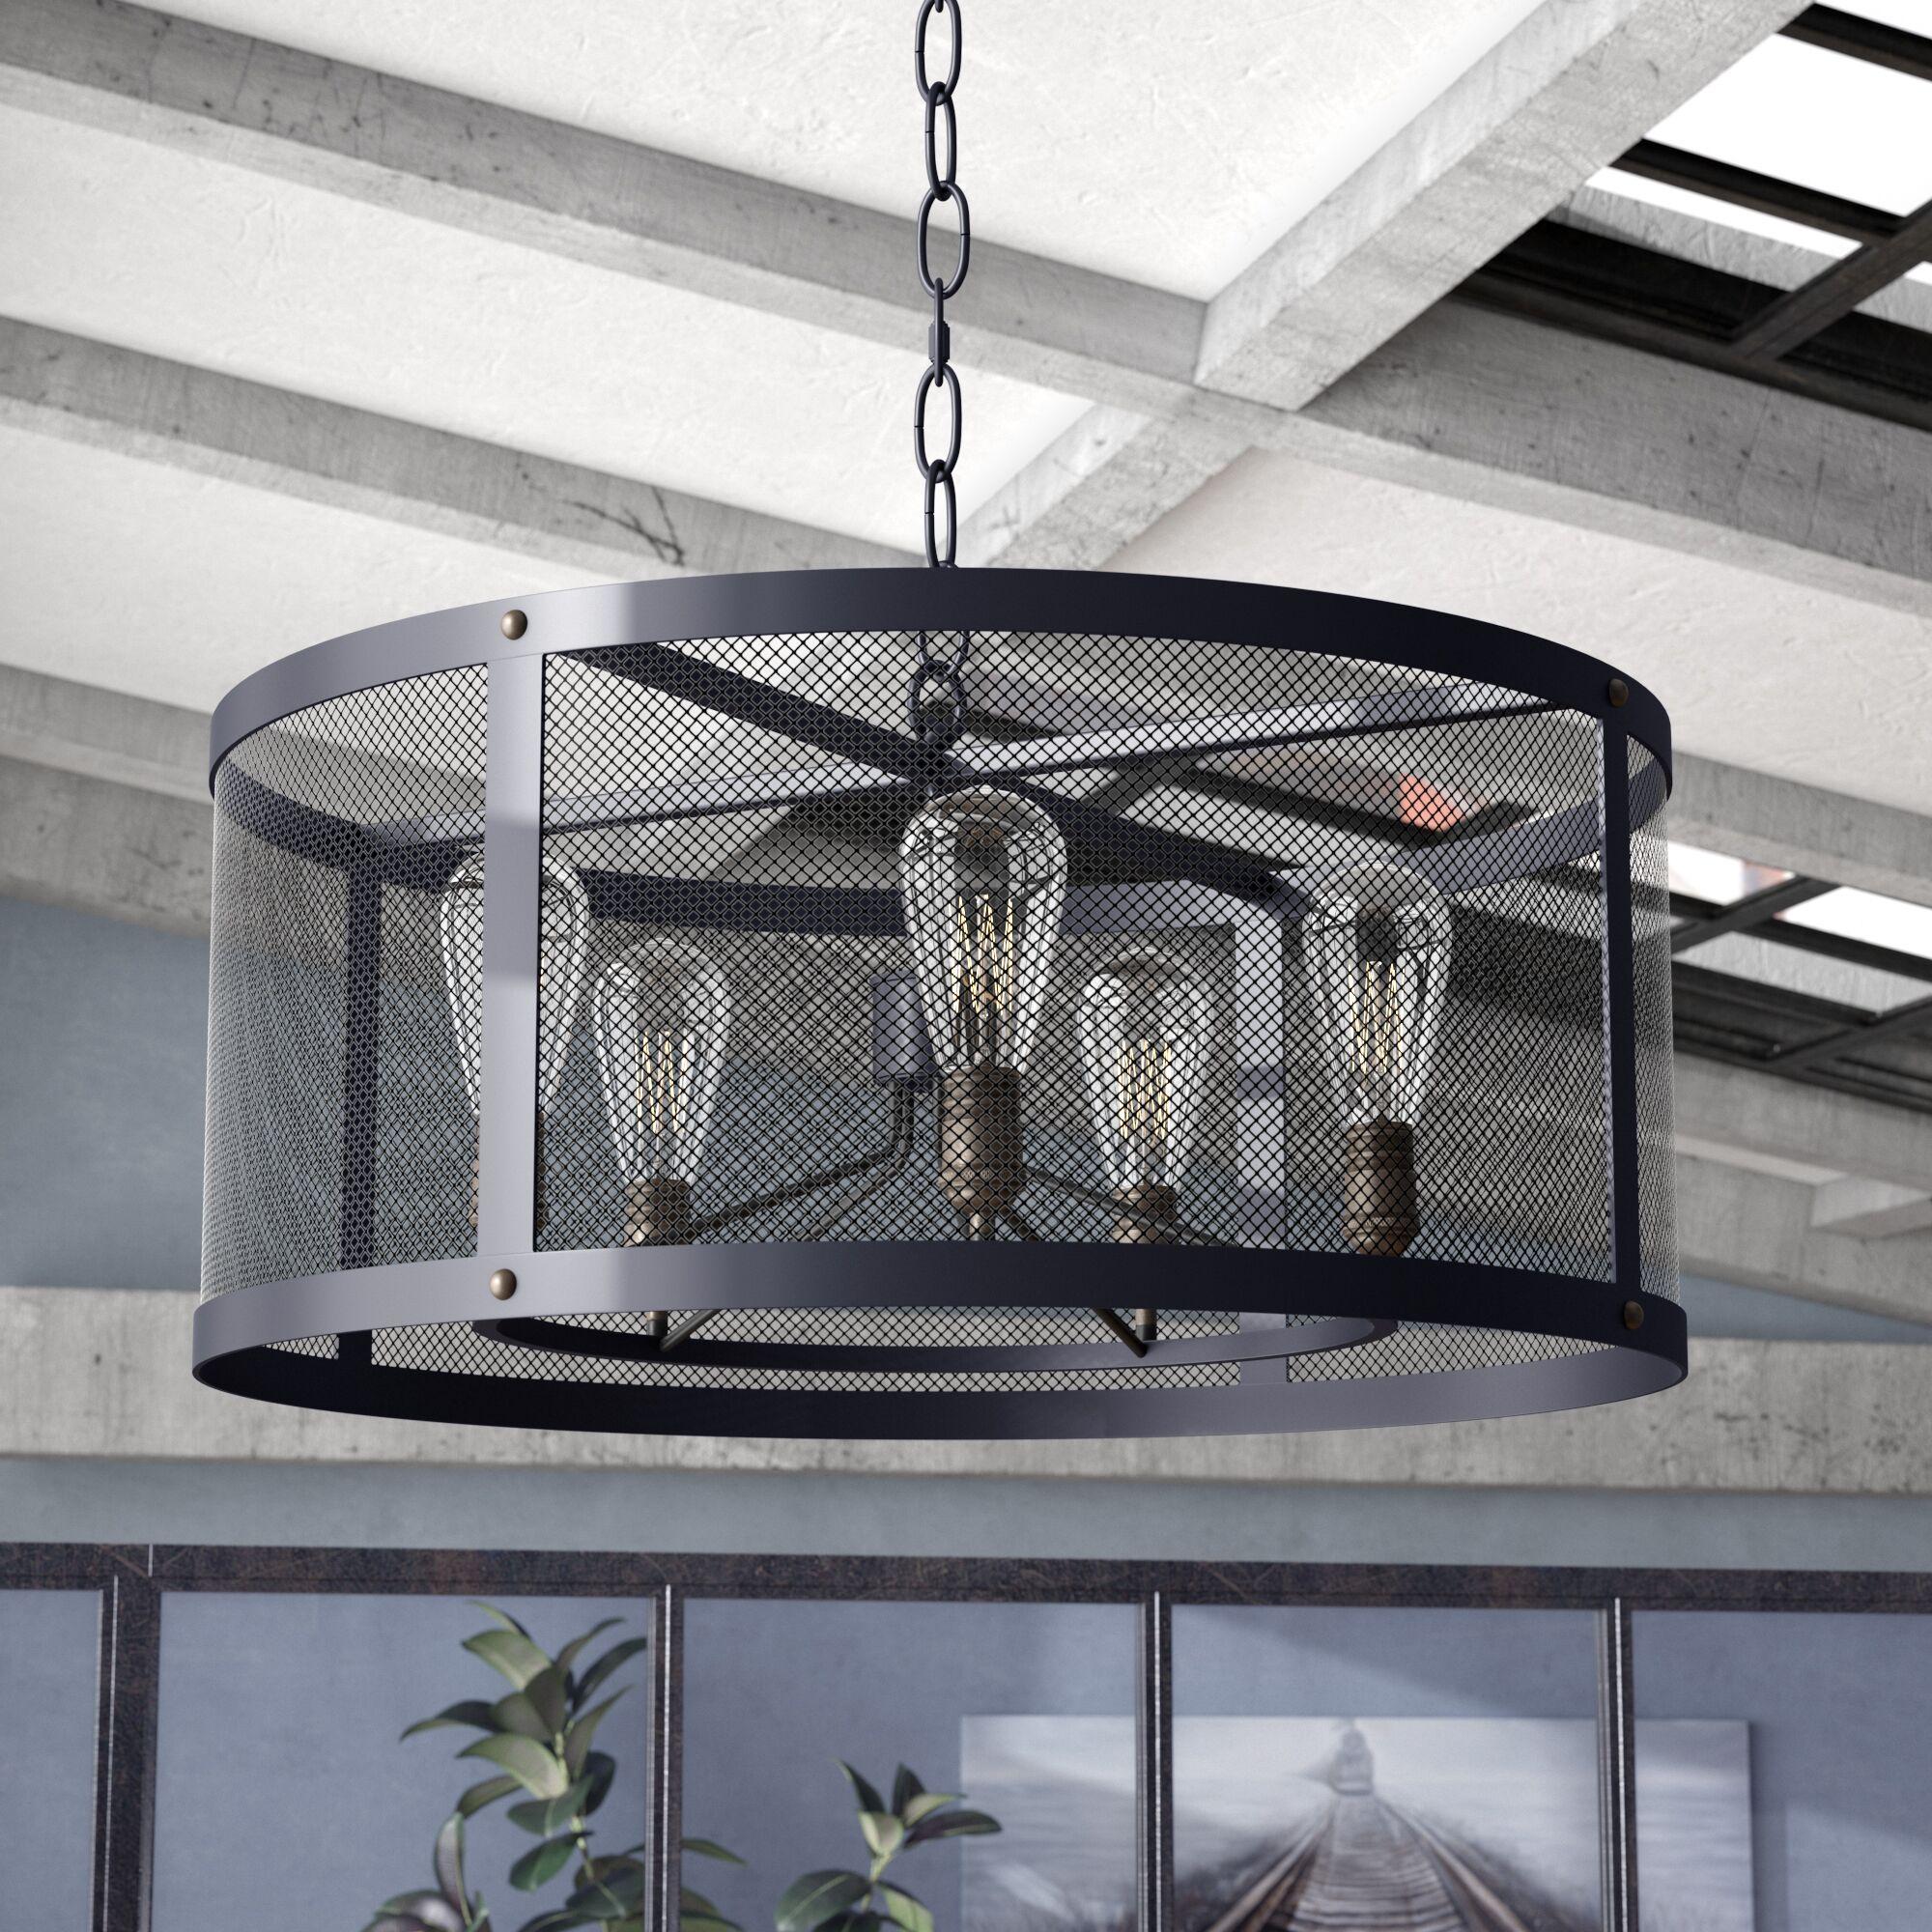 Juniper 5-Light Chandelier Bulb Type: MB ST64